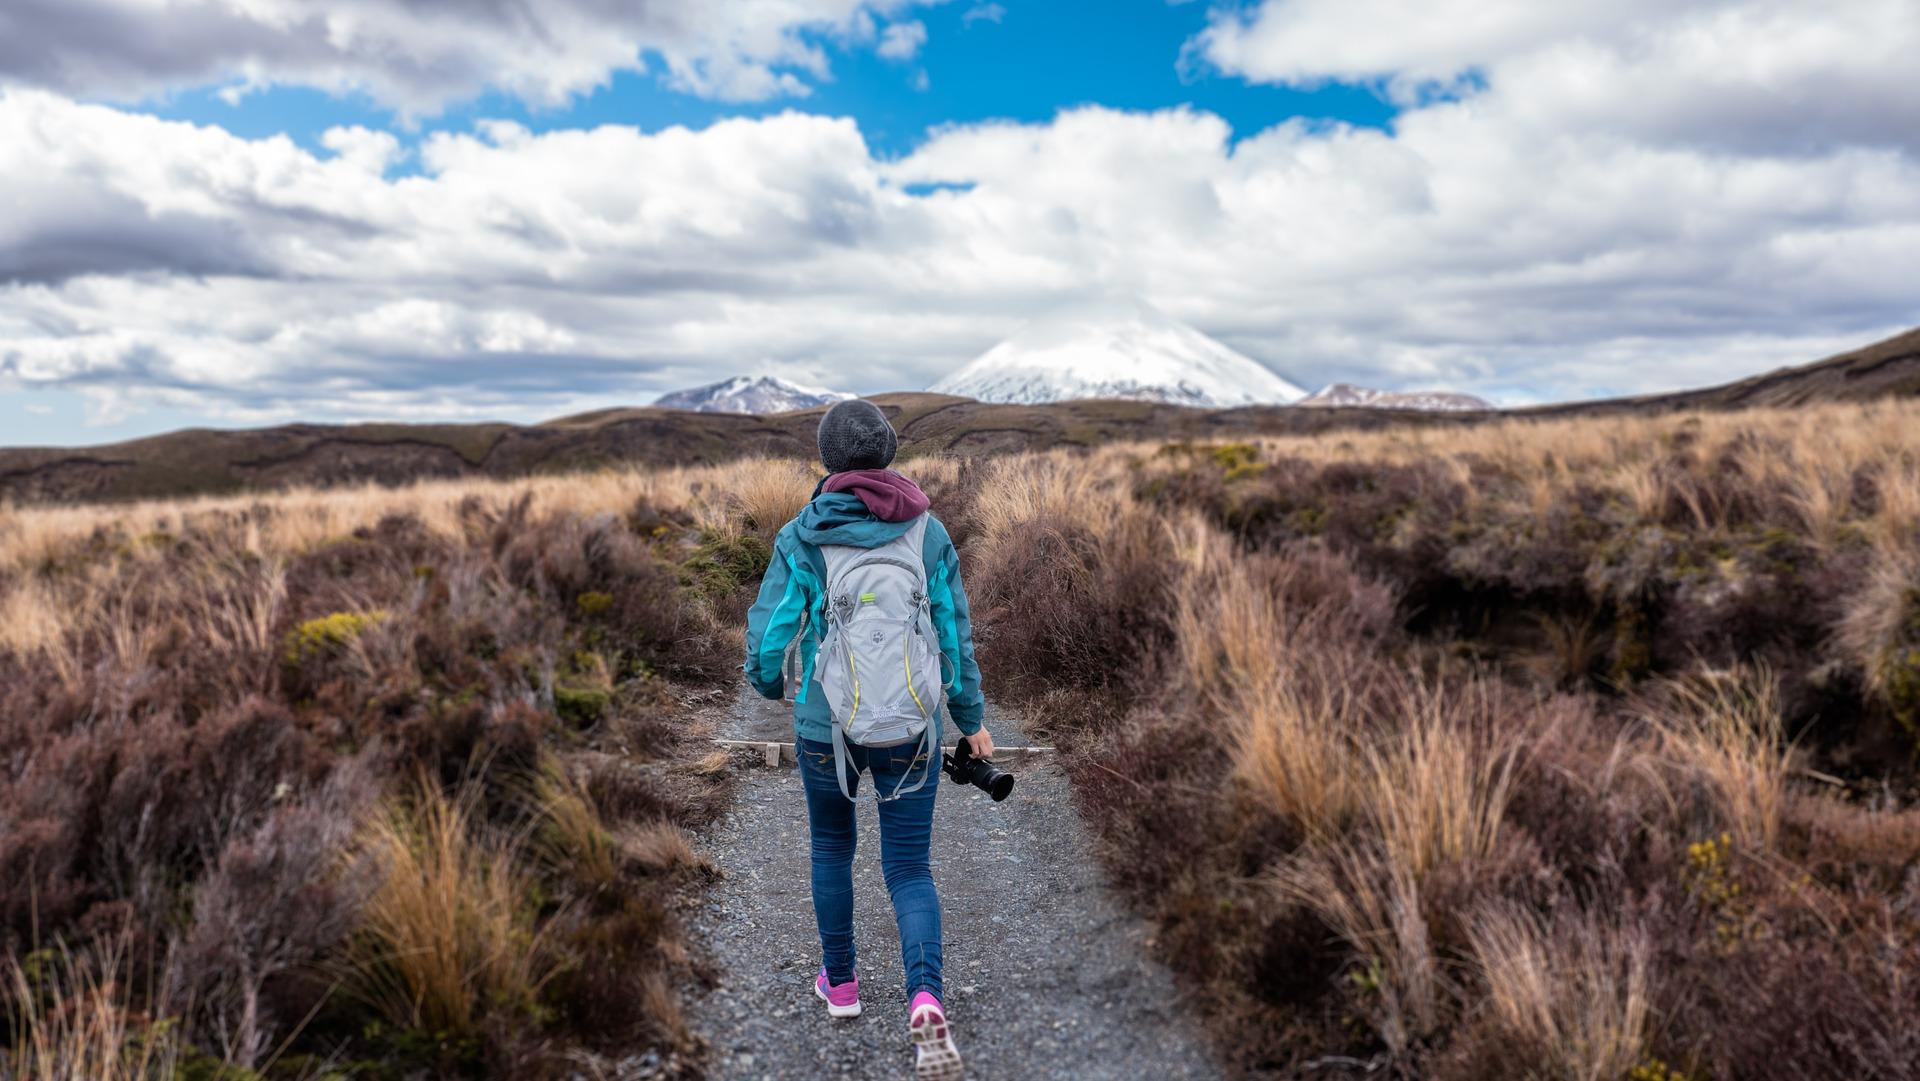 C'est parti pour une randonnée! 6 conseils simples pour rester respectueux de l'environnement